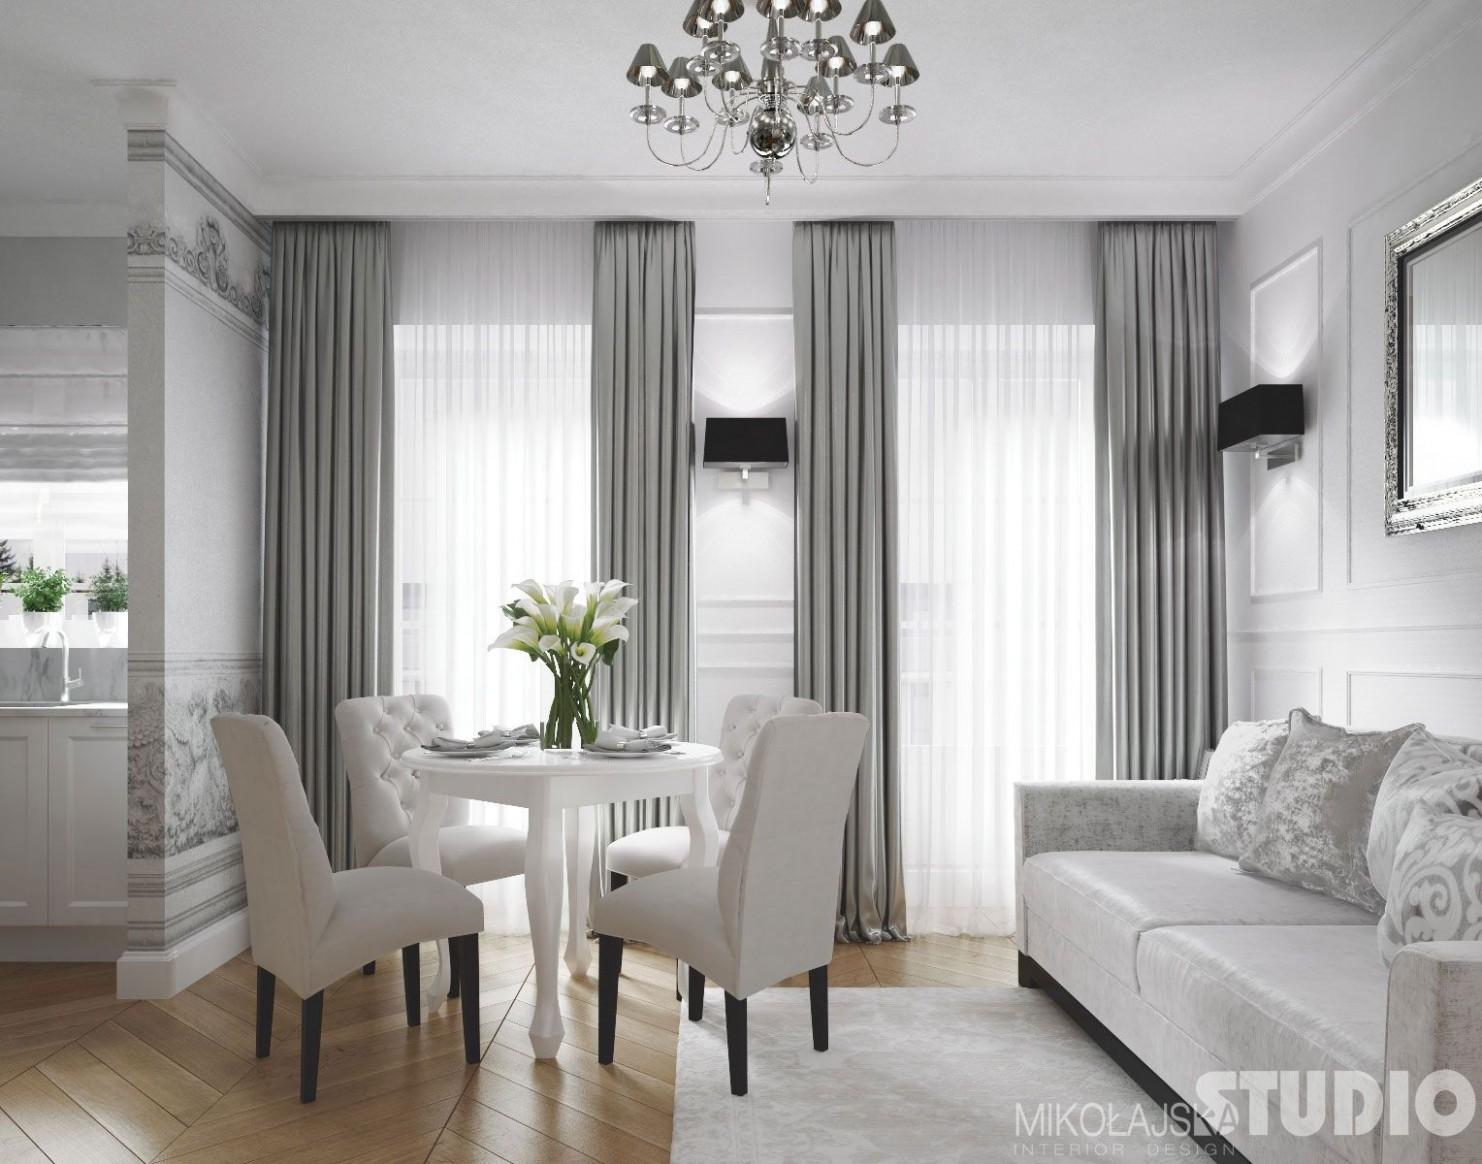 55 Nejvýhodnejší Fotografií z Glamour styl interiér